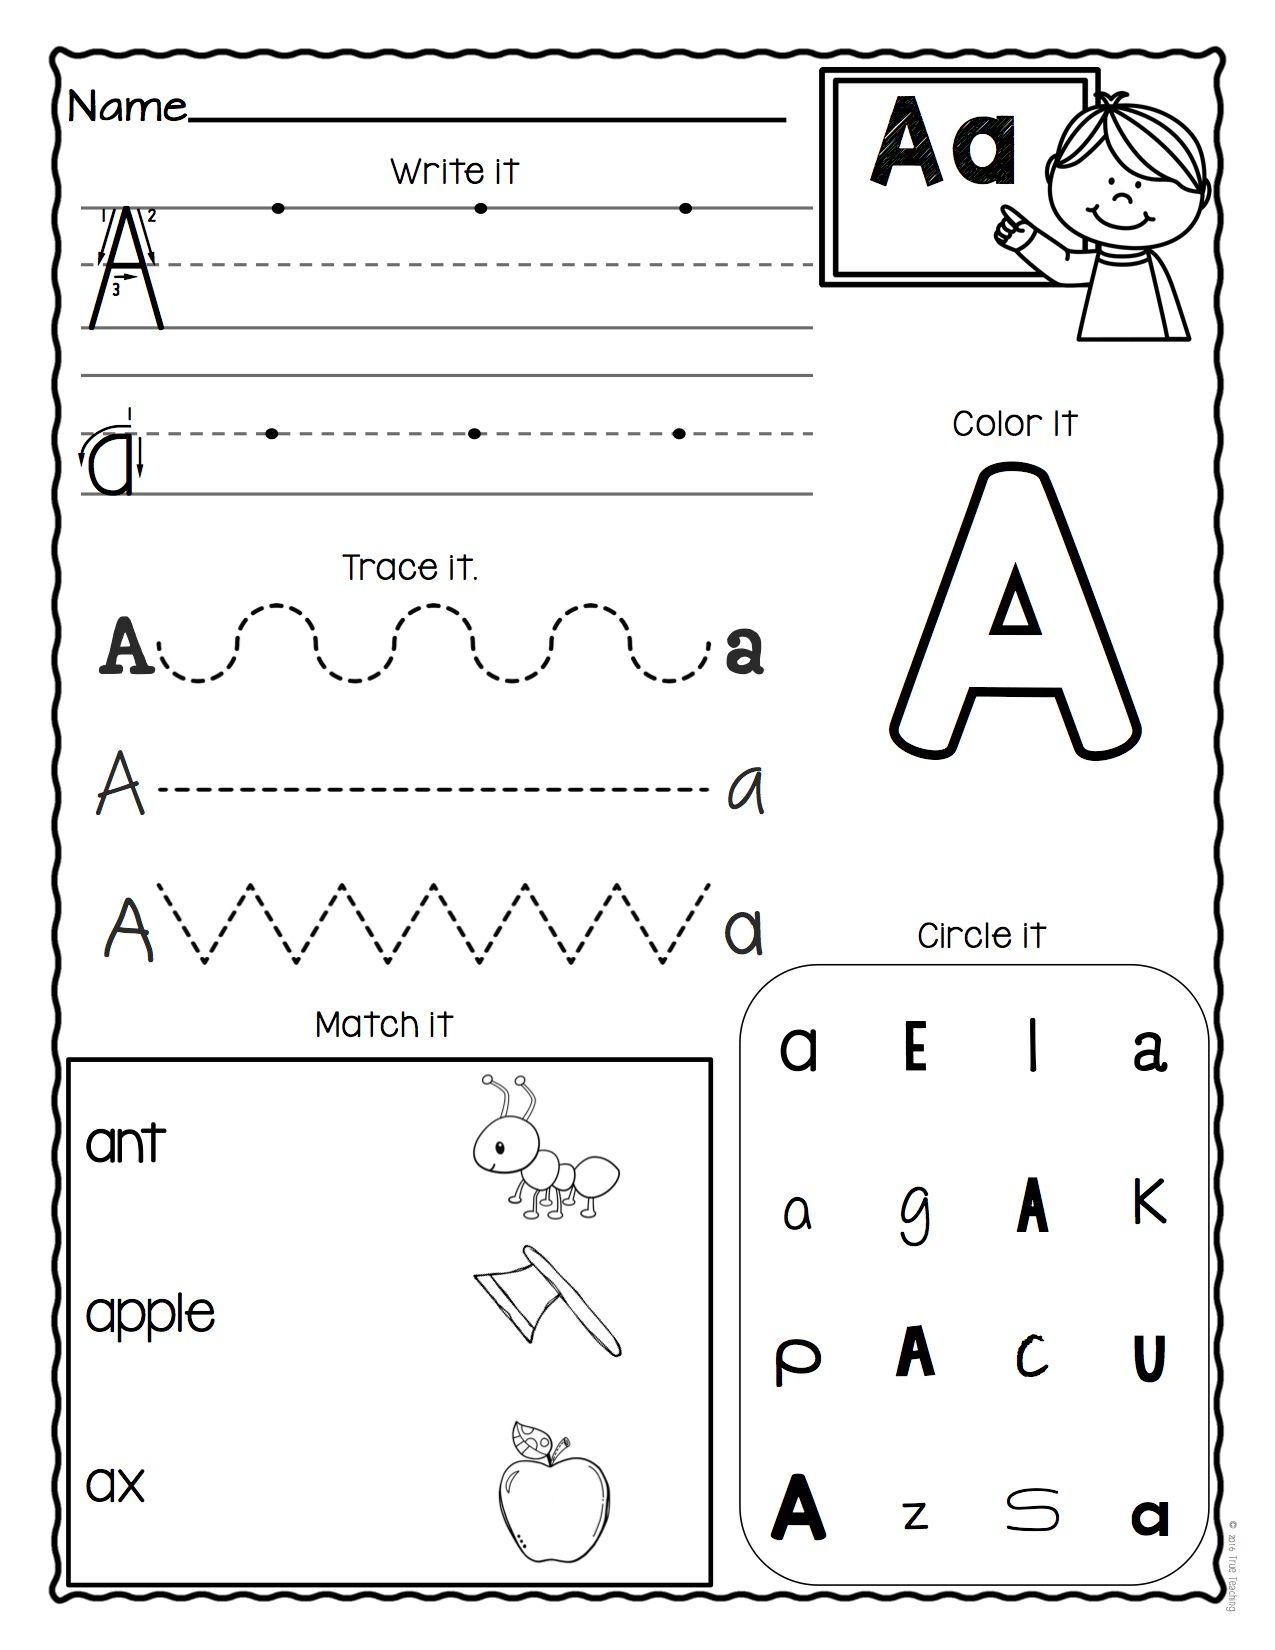 A-Z Letter Worksheets (Set 3) | Preschool Worksheets inside Letter Worksheets Kindergarten